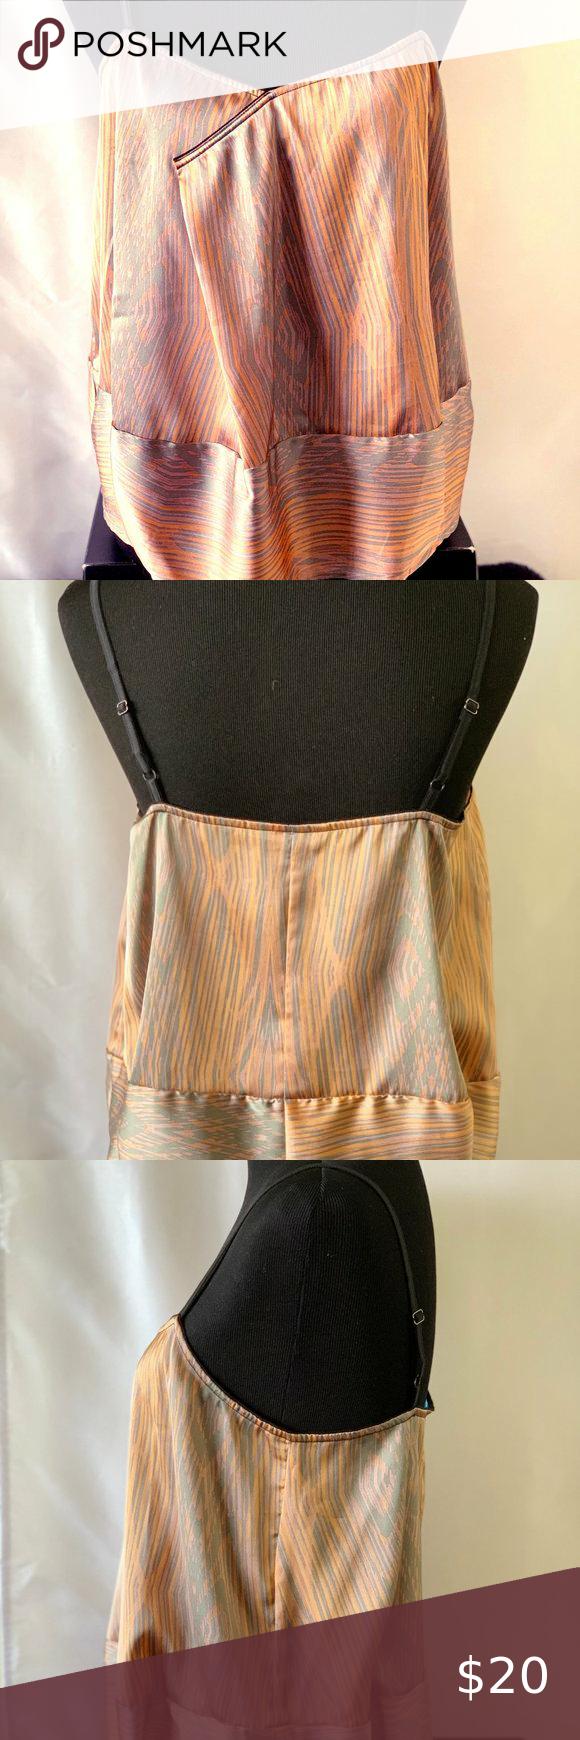 Derek Lam Tank in 2020 Derek lam, Clothes design, Fashion